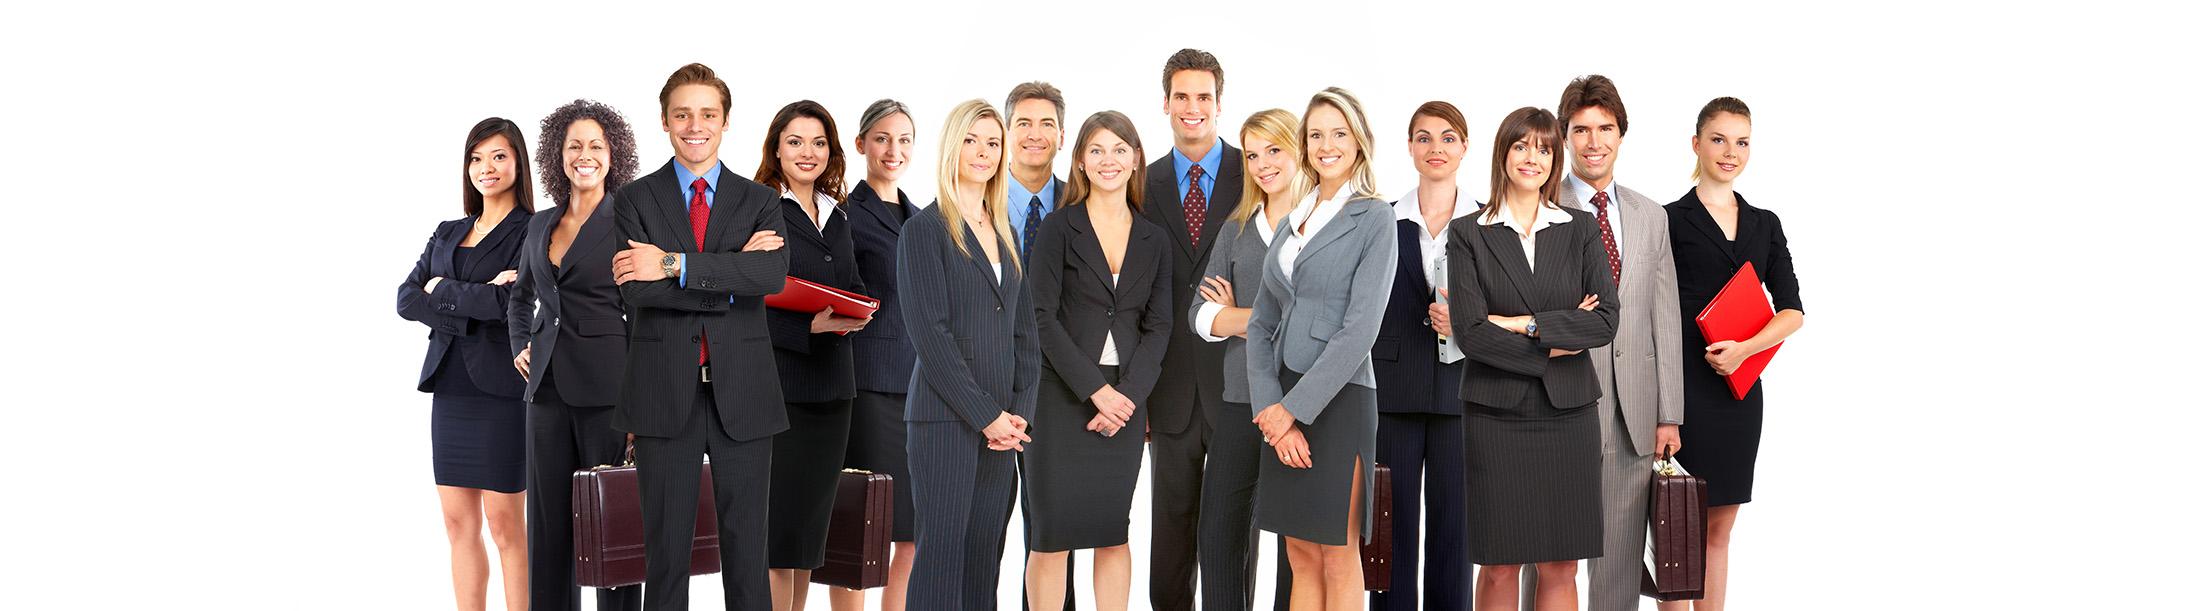 Abierto el plazo de inscripcion cursos 2014-2015